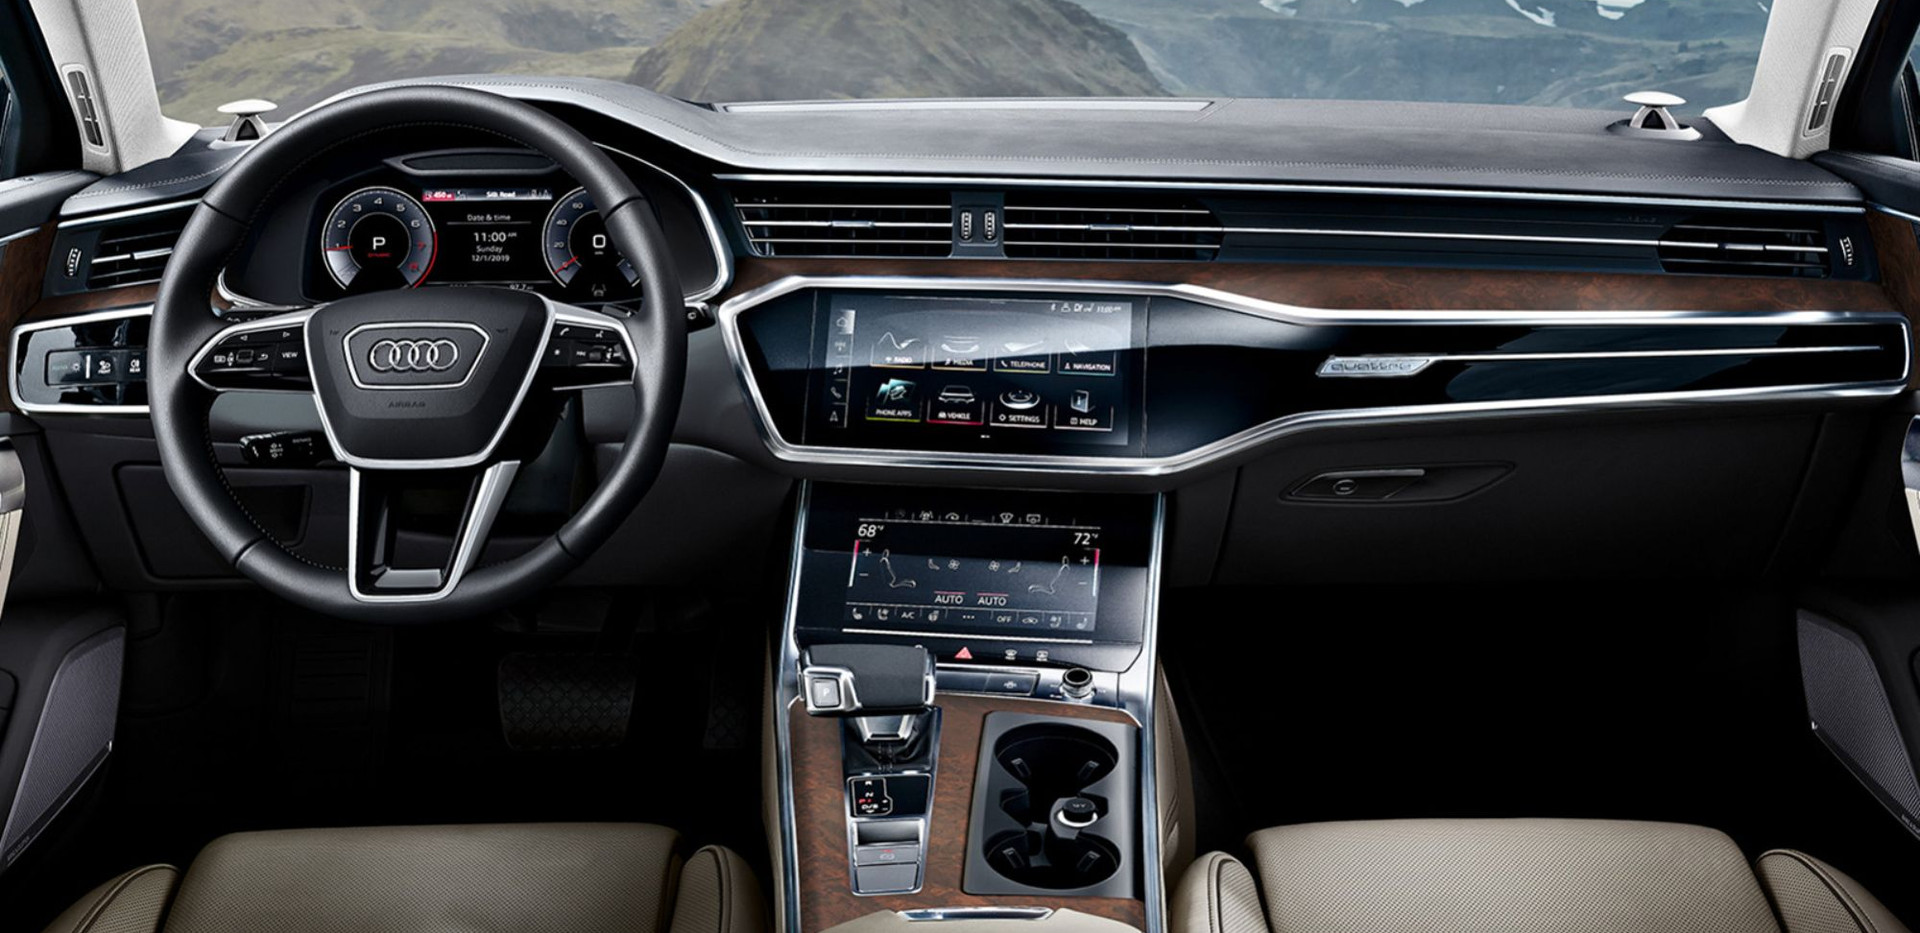 2020-Audi-A6-allroad-19-copy.jpg